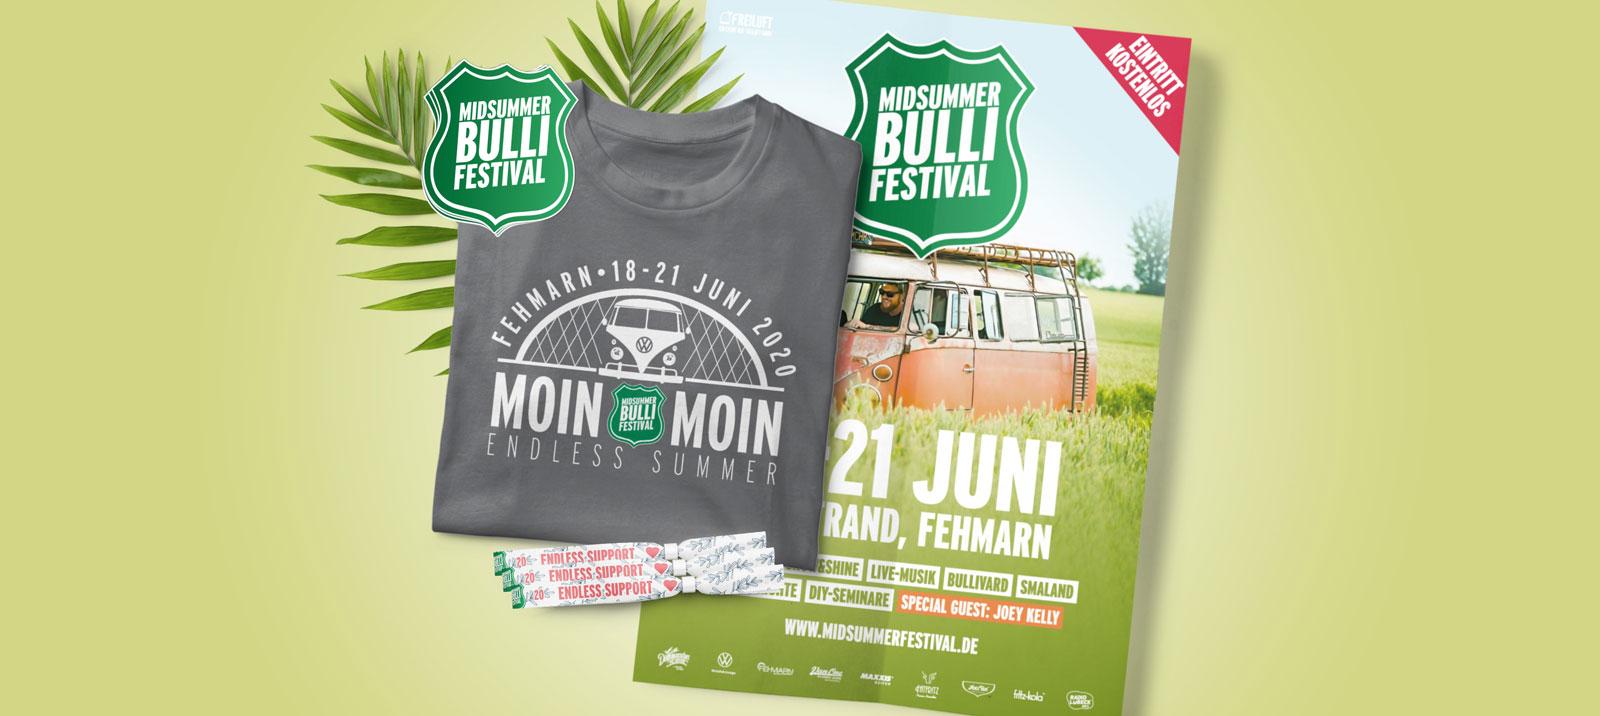 Der Midsummer Bulli Festival Fanshop ist eröffnet